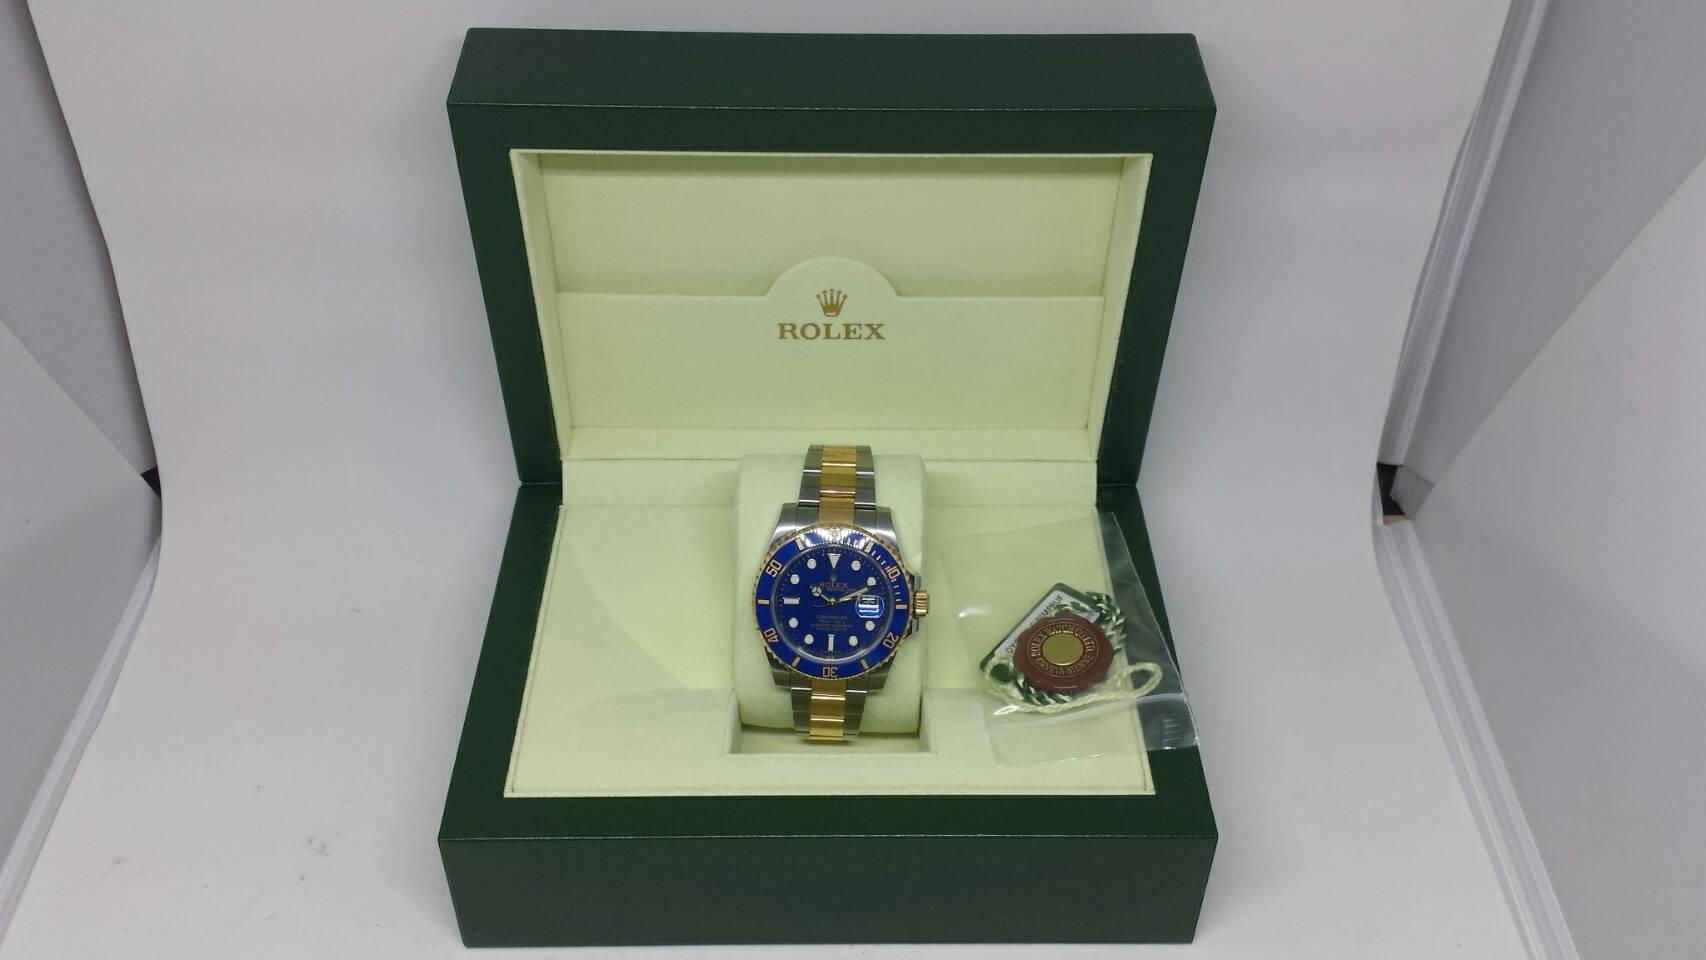 ブランド「ロレックス」商品名「サブマリーナー」型番「116613LB」カラー「ブルー」